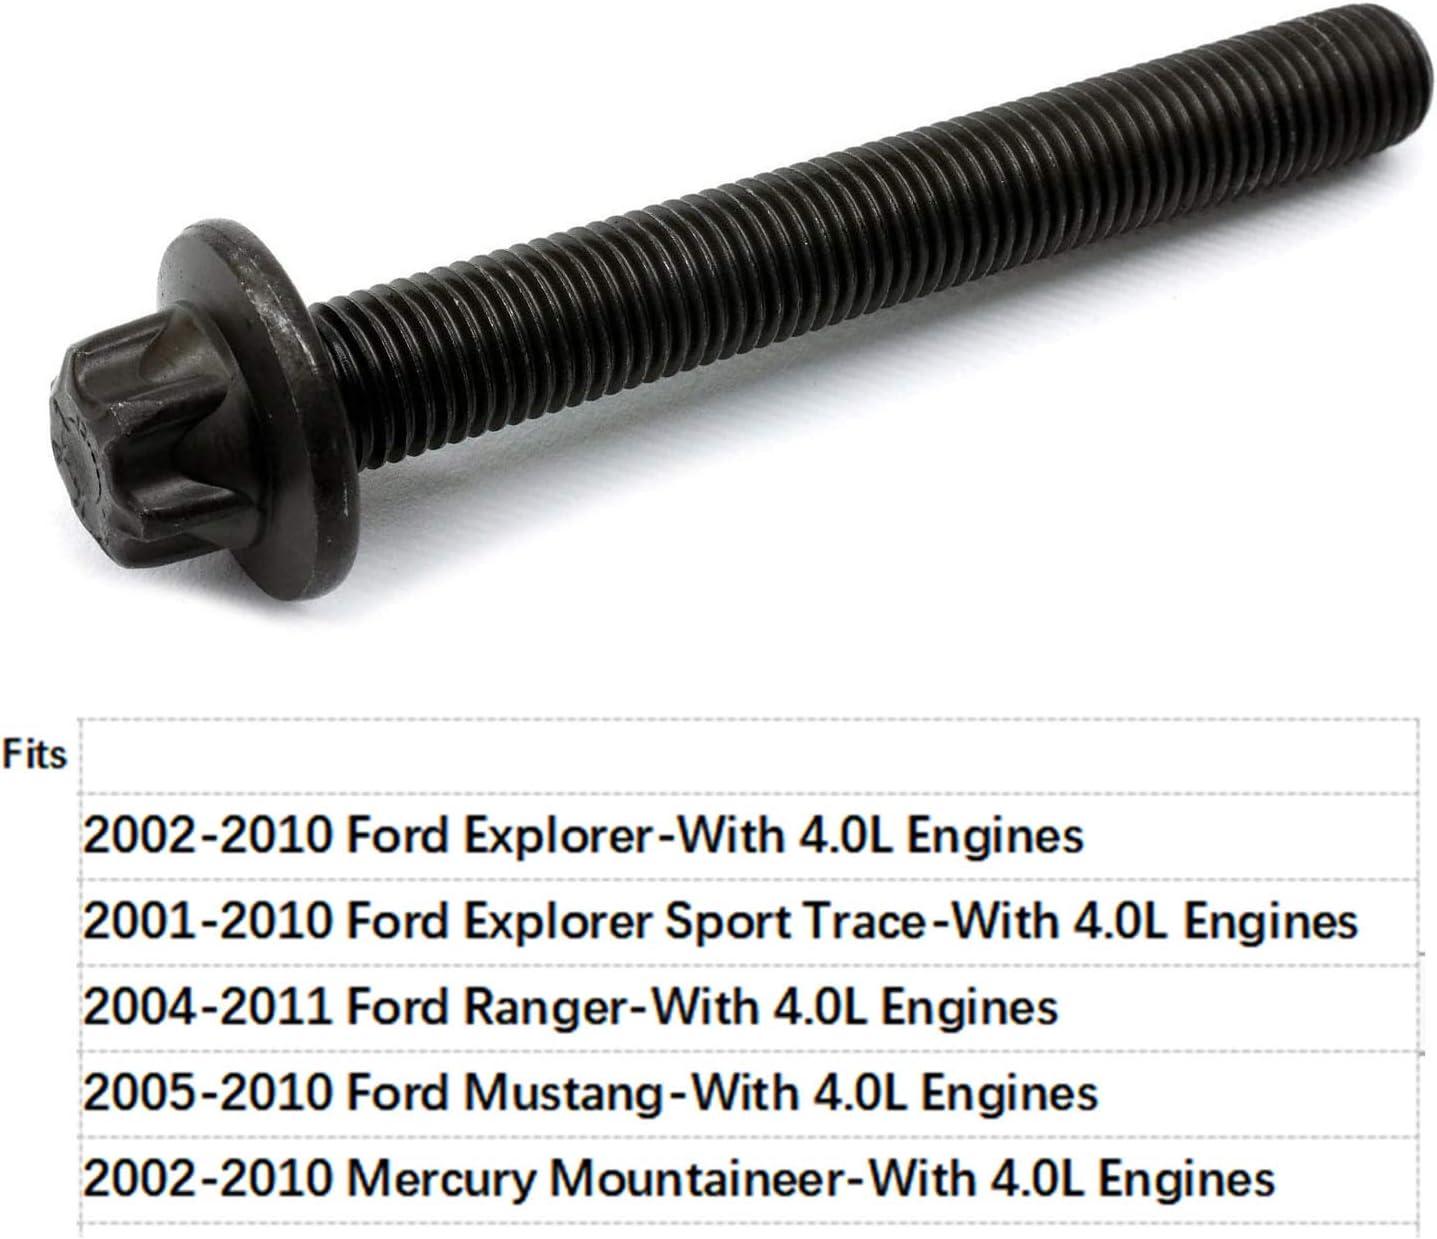 Genuine Ford OEM Camshaft Sprocket Hex Head Bolt 2L2Z-6279-AA